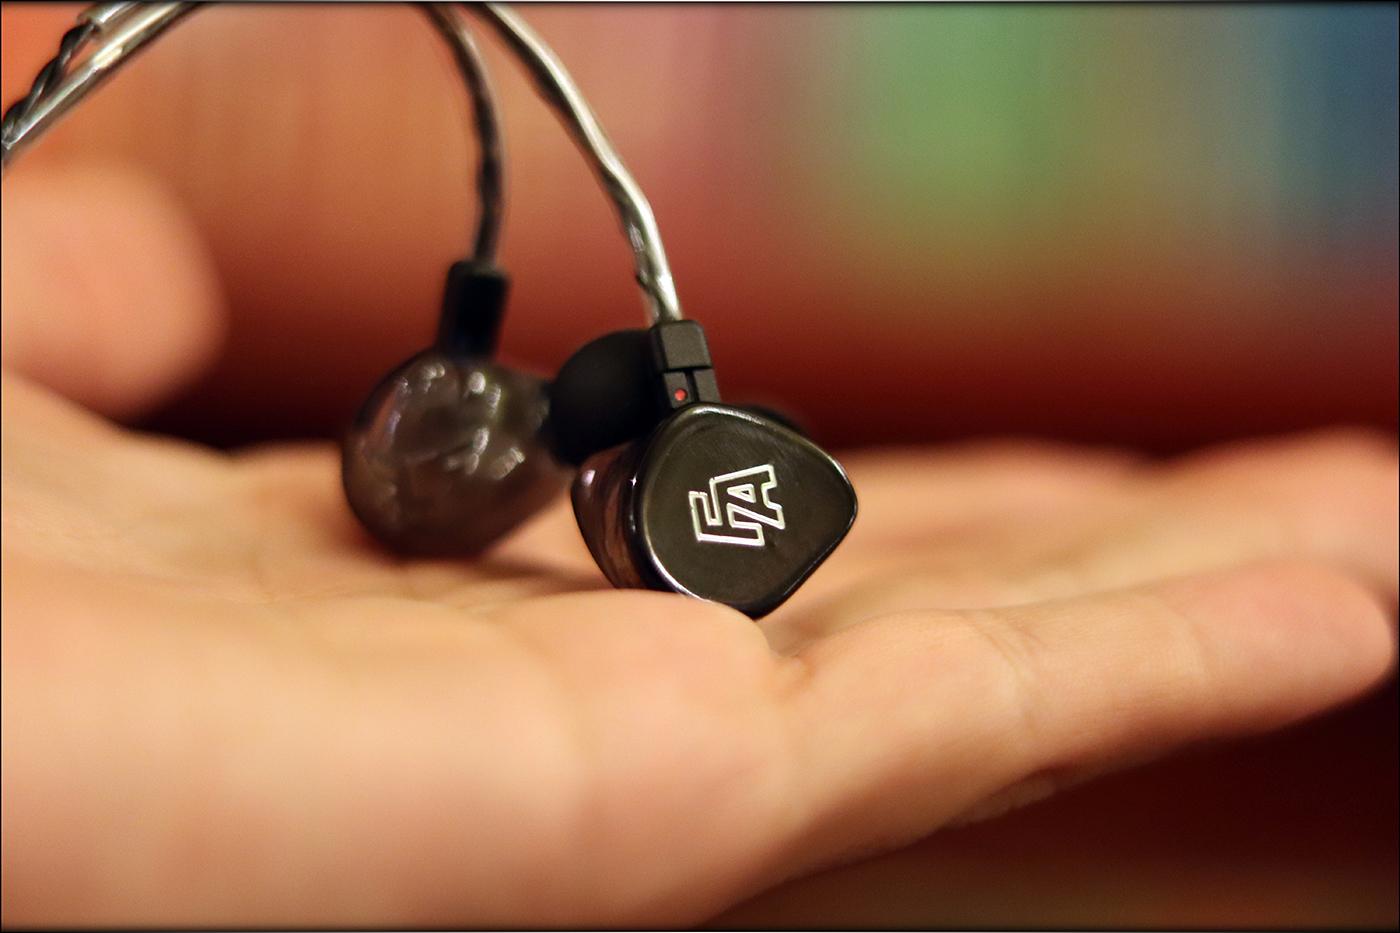 Fischer-Amps-Rapture-IEMs-Earphones-BA-Monitoring-Universal-Review-Audiophile-Heaven-14.jpg